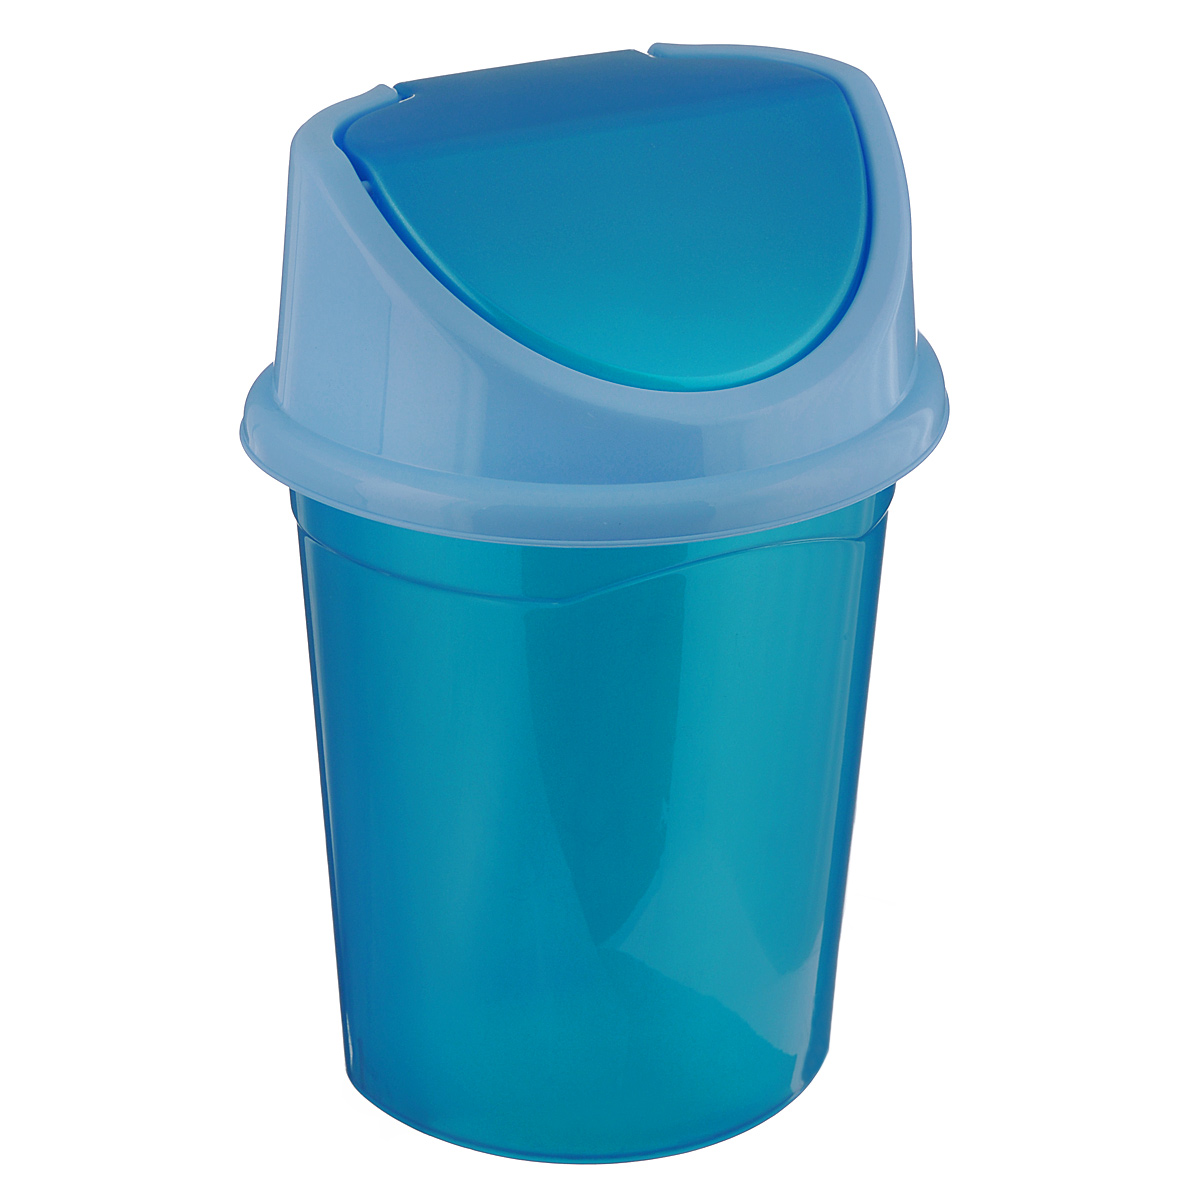 """Контейнер для мусора """"Violet"""", цвет: бирюзовый, голубой, 14 л"""